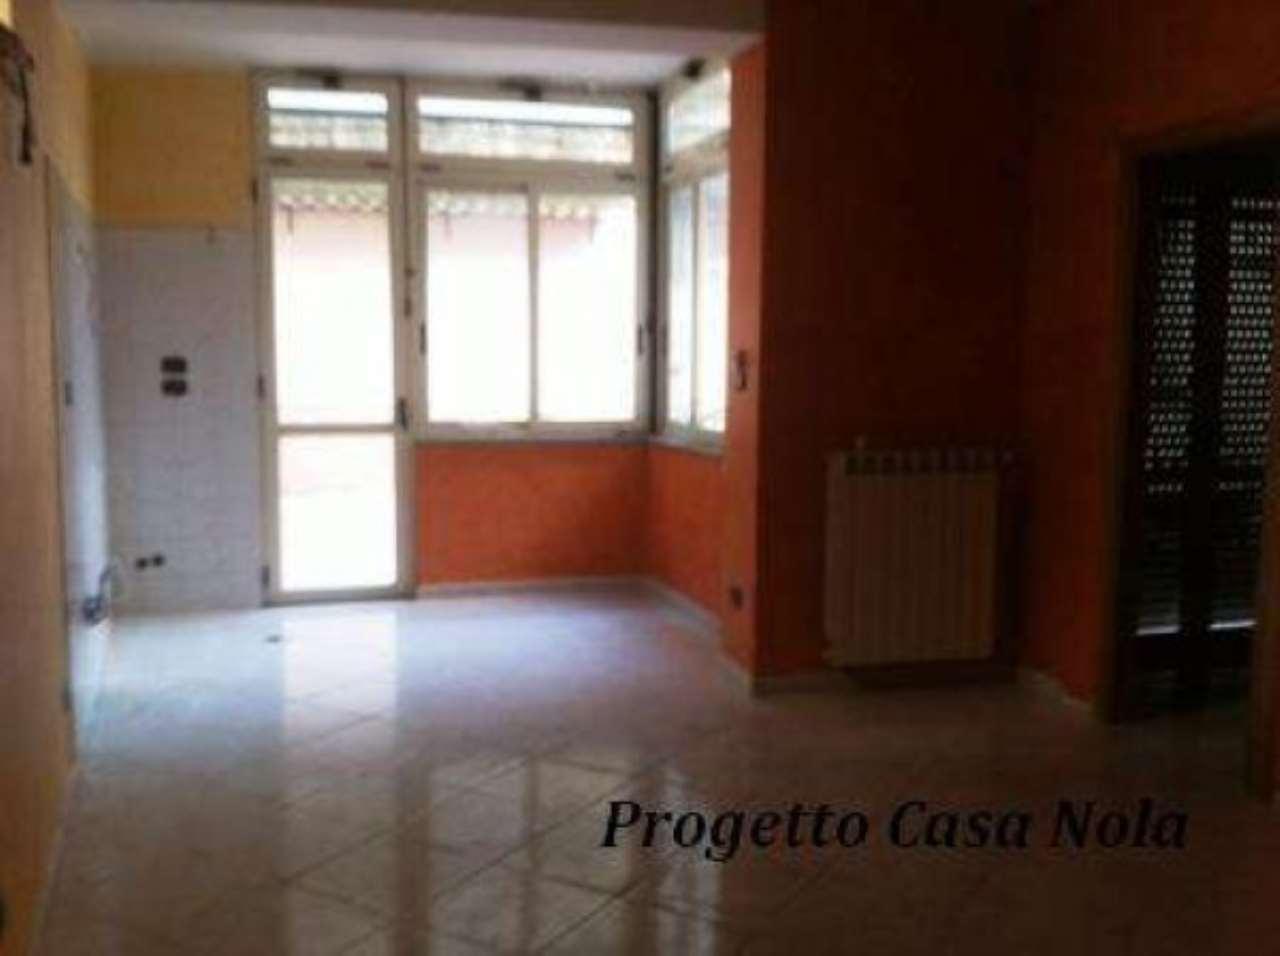 Appartamento in vendita a Nola, 5 locali, prezzo € 150.000 | PortaleAgenzieImmobiliari.it